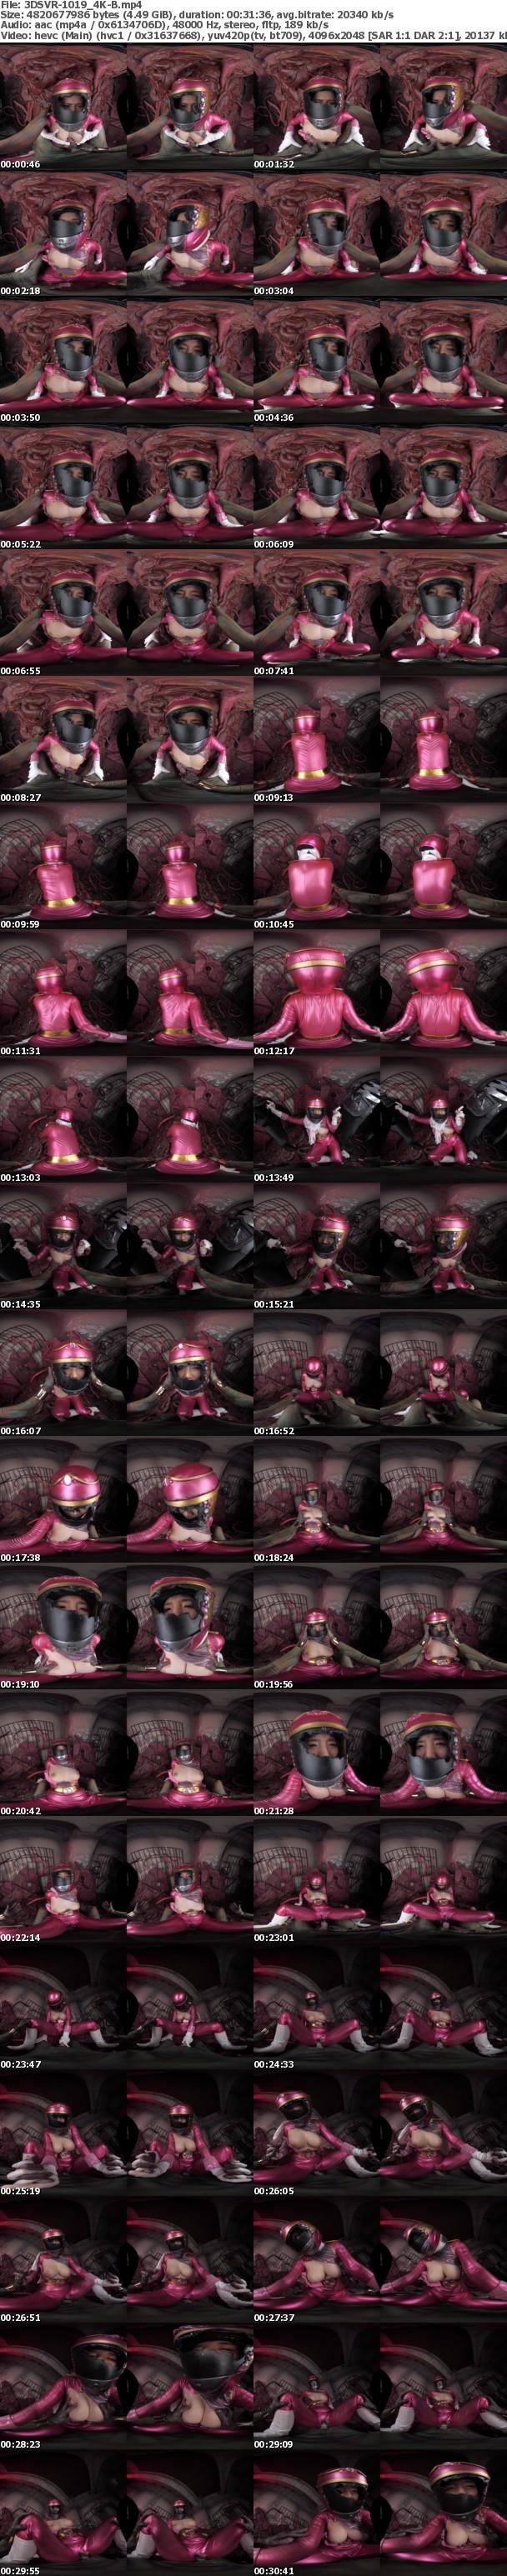 (VR) (4K) 3DSVR-1019 ピンクレンジャーを性的拷問で中出しレ○プ 魔石戦隊キラメキジャー